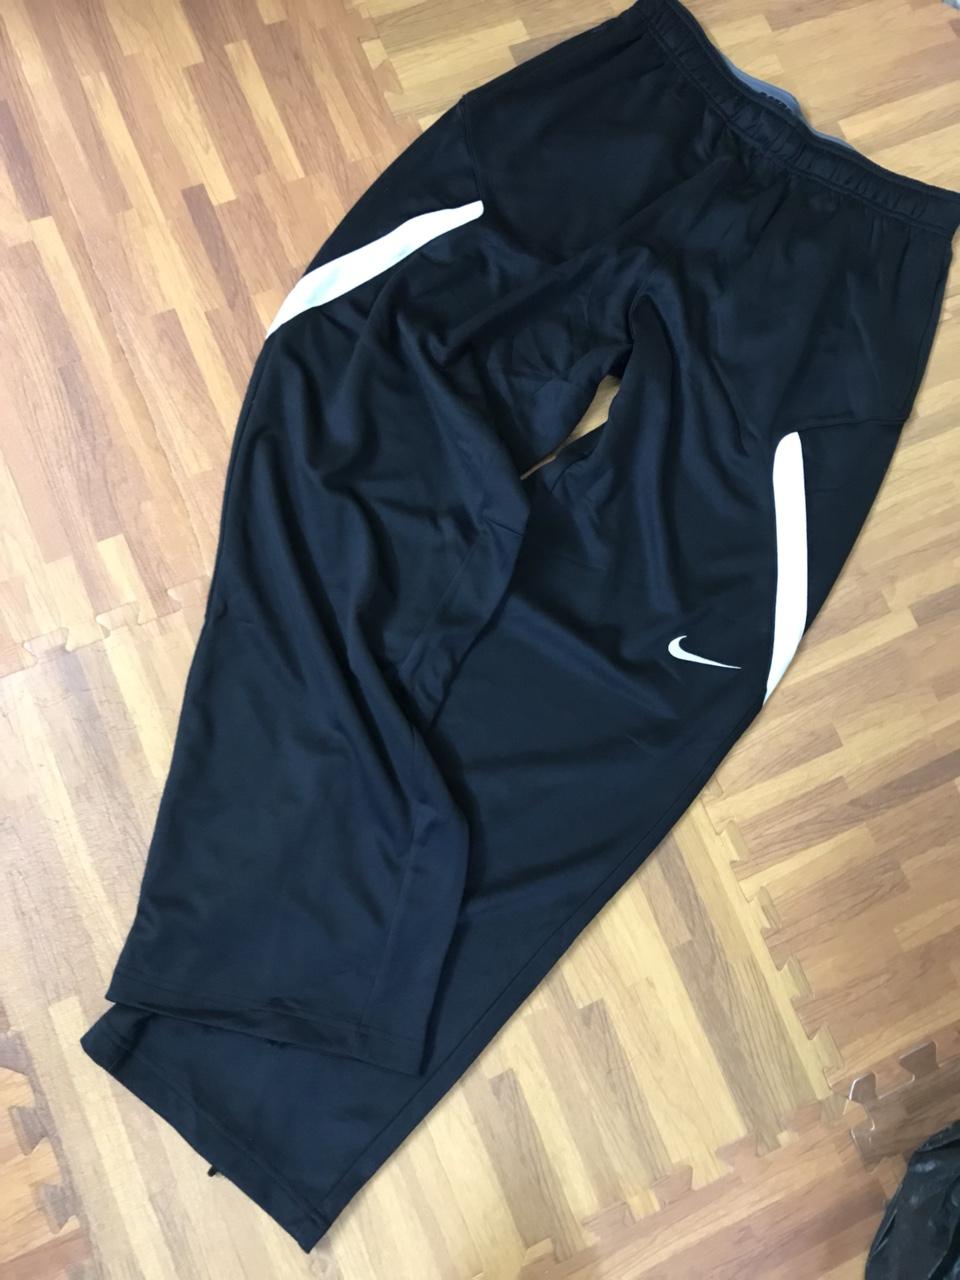 Quần nỉ Nike bigsize TD19